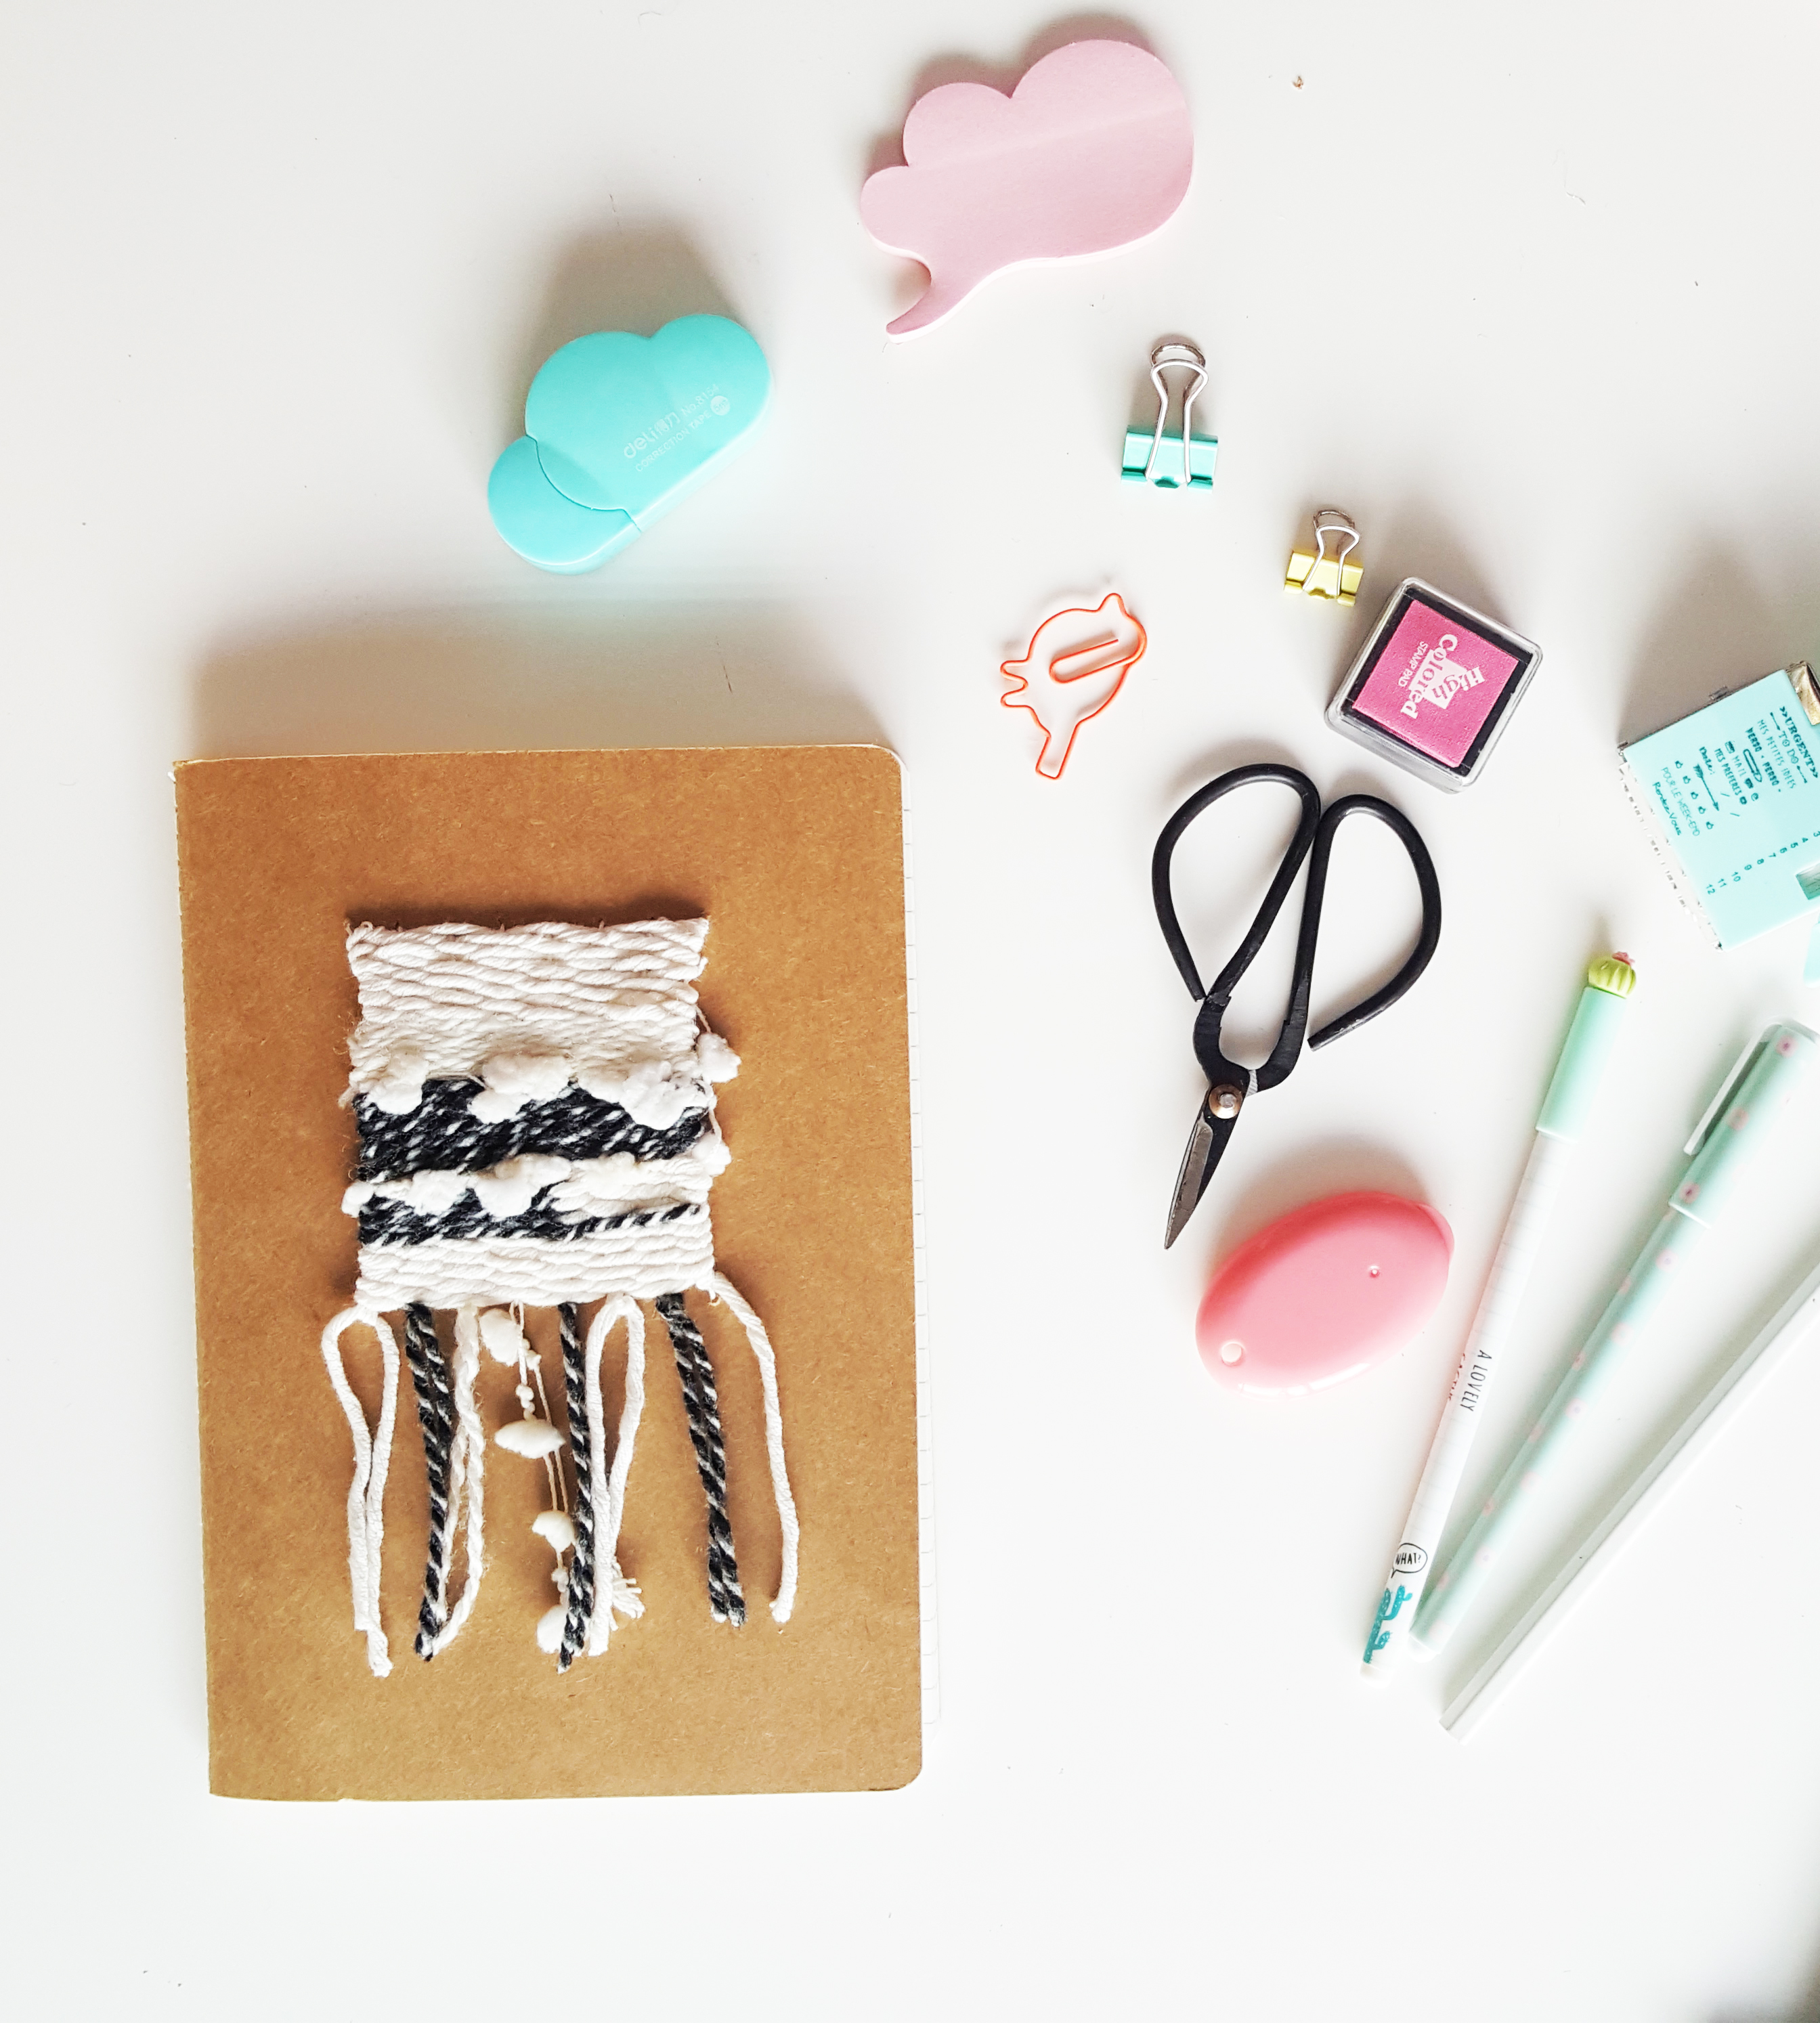 DIY-carnet-tissé-tissage-rentree-laine (1)